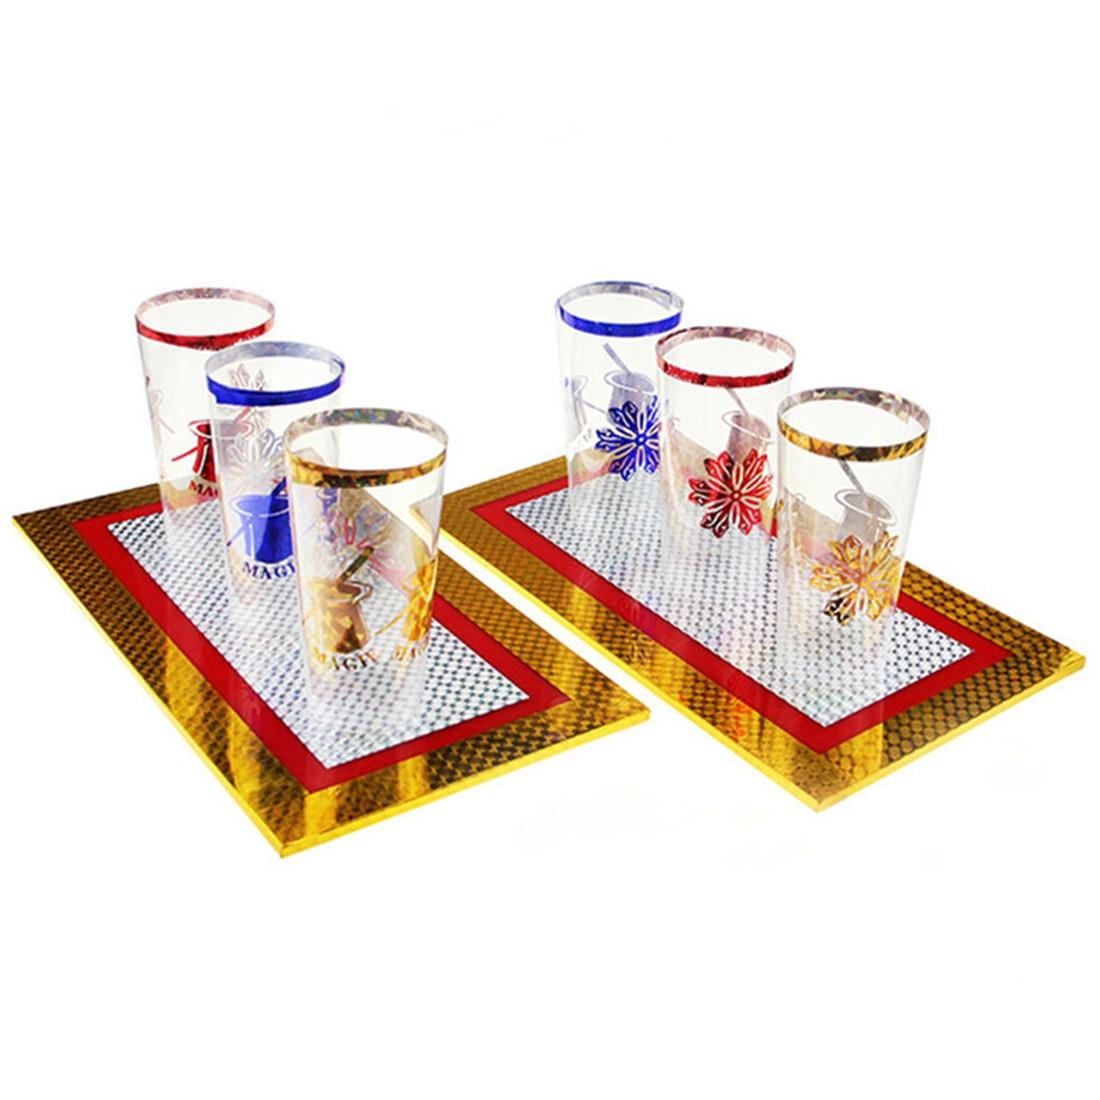 Seis copos para fora a partir de duas placas mágica truque copos aparecendo estágio truques de magia placa de truque prop para crianças crianças educação presente